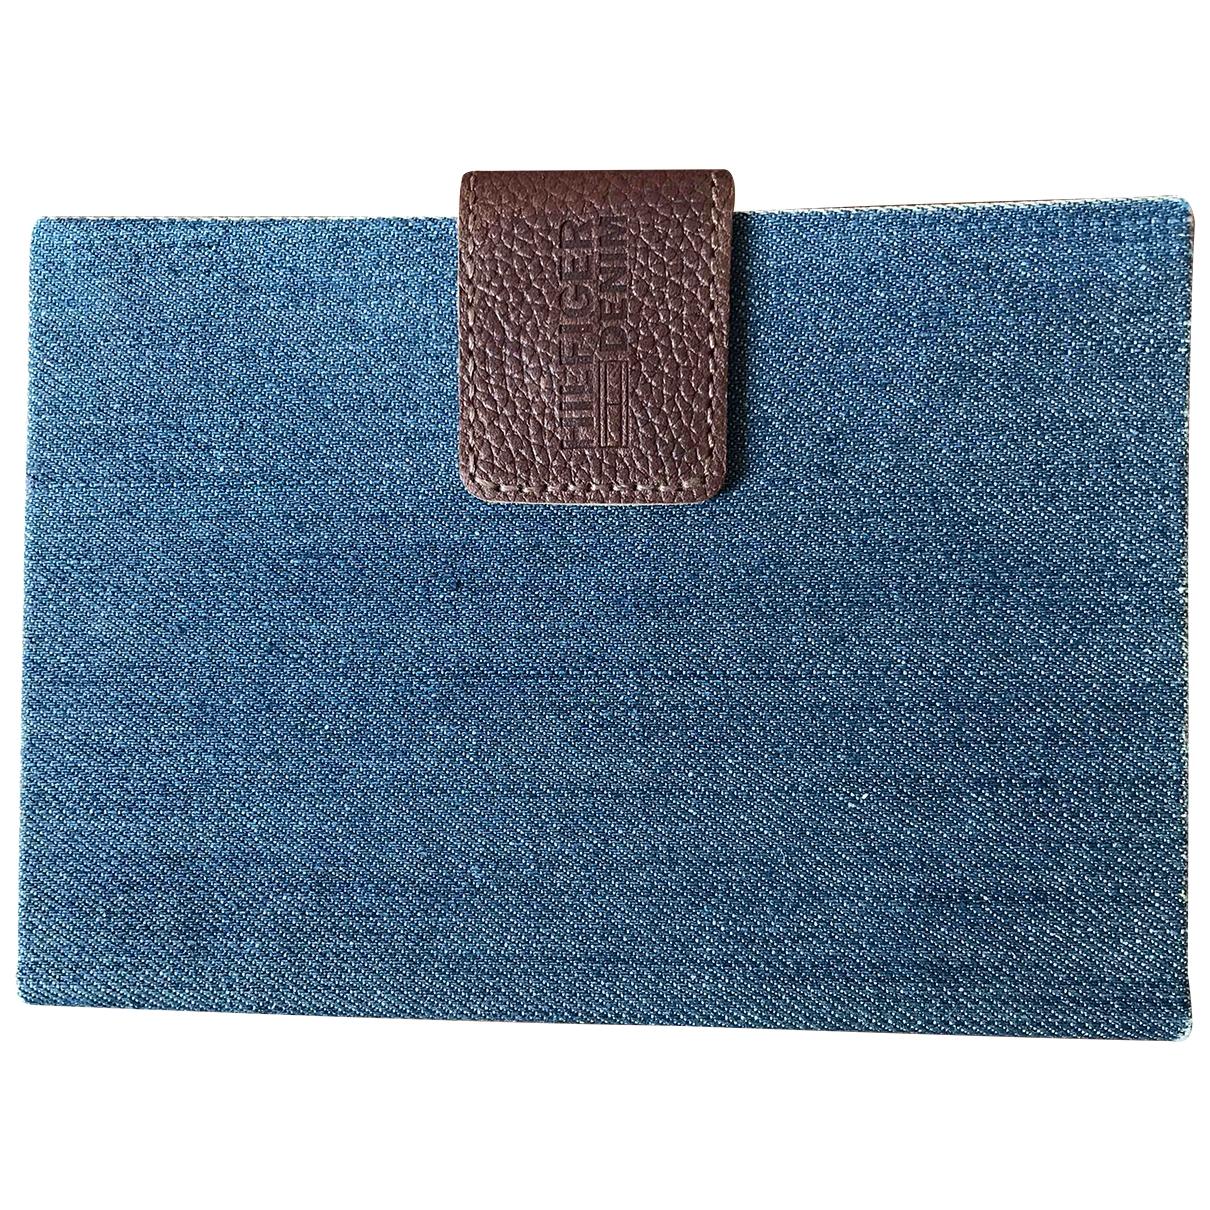 Tommy Hilfiger - Objets & Deco   pour lifestyle en denim - bleu